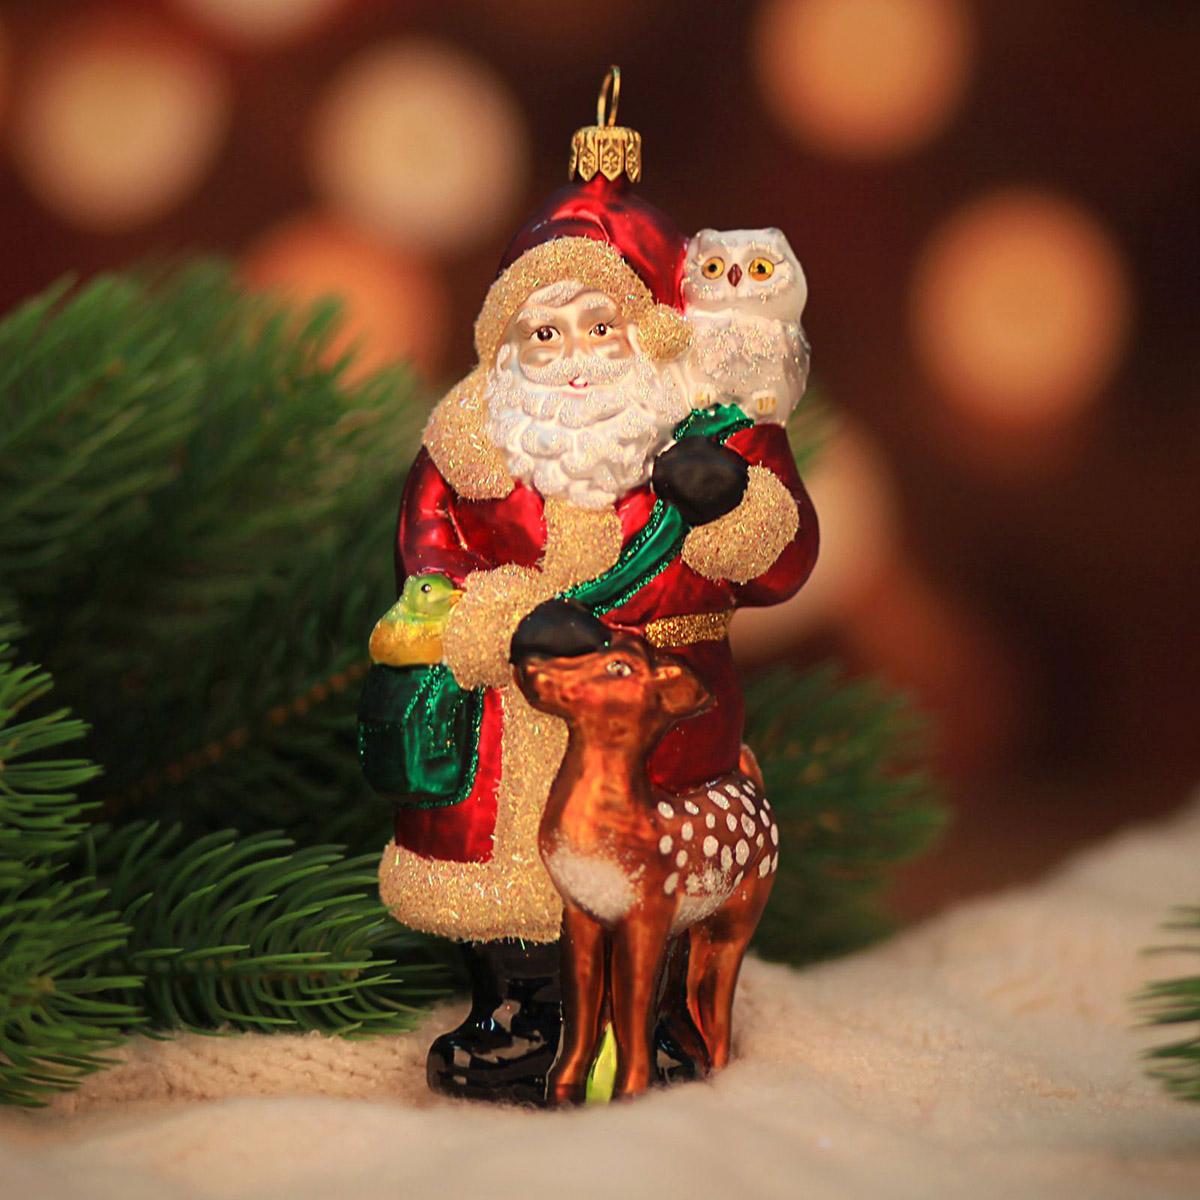 Новогоднее подвесное украшение Hanco Design Лесной санта, высота 14 см106405Новогоднее украшение Hanco Design отлично подойдет для декорации вашего дома и новогодней ели. Елочная игрушка - символ Нового года. Она несет в себе волшебство и красоту праздника. Такое украшение создаст в вашем доме атмосферу праздника, веселья и радости.